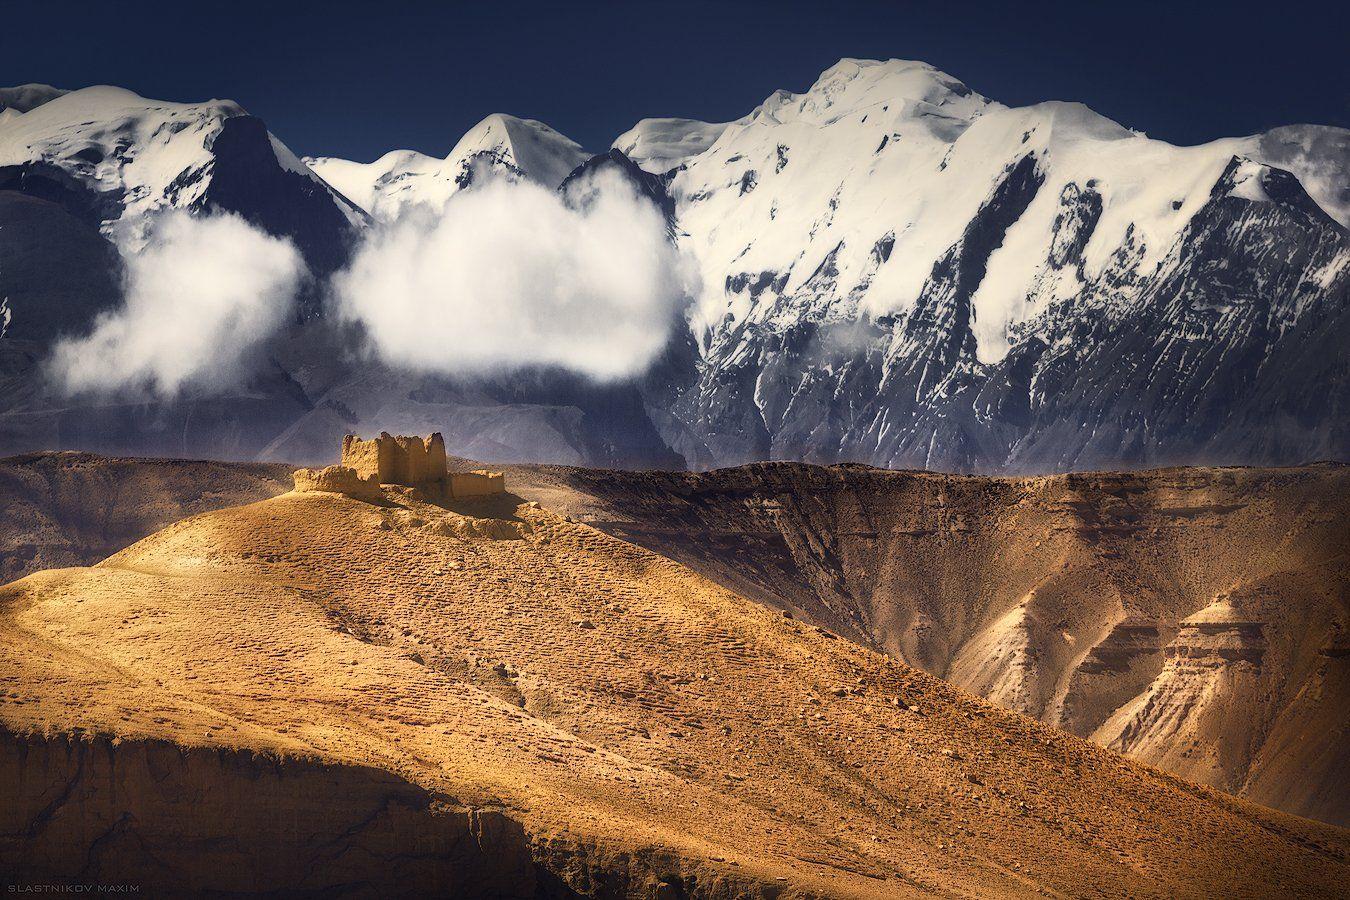 Непал, горы, солнце, высота, пик, снег, песок, дюны, путешествия, облака, пейзаж, крепость, руины, mountains, Nepal, explore, outdoor, snow, peak, sand, wind, sunset, range, himal, Максим Сластников